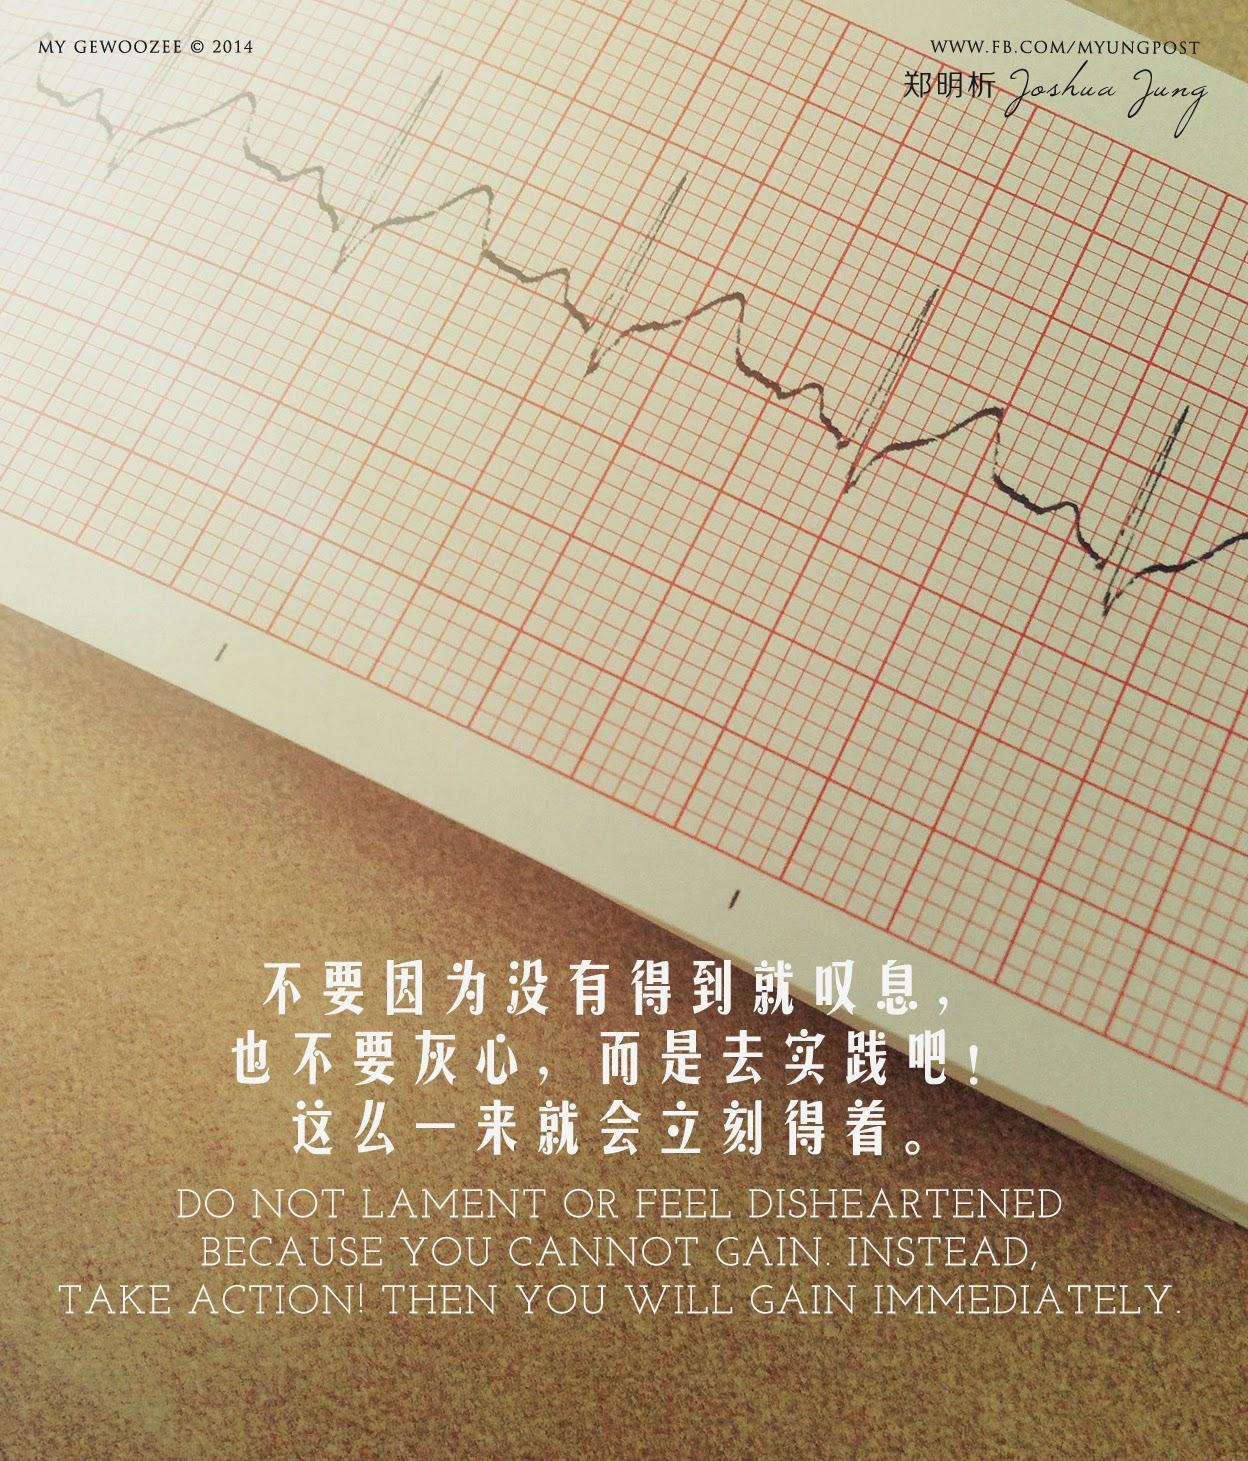 郑明析,摄理,月明洞,格子簿,Joshua Jung, Providence, Wolmyeong Dong, graph